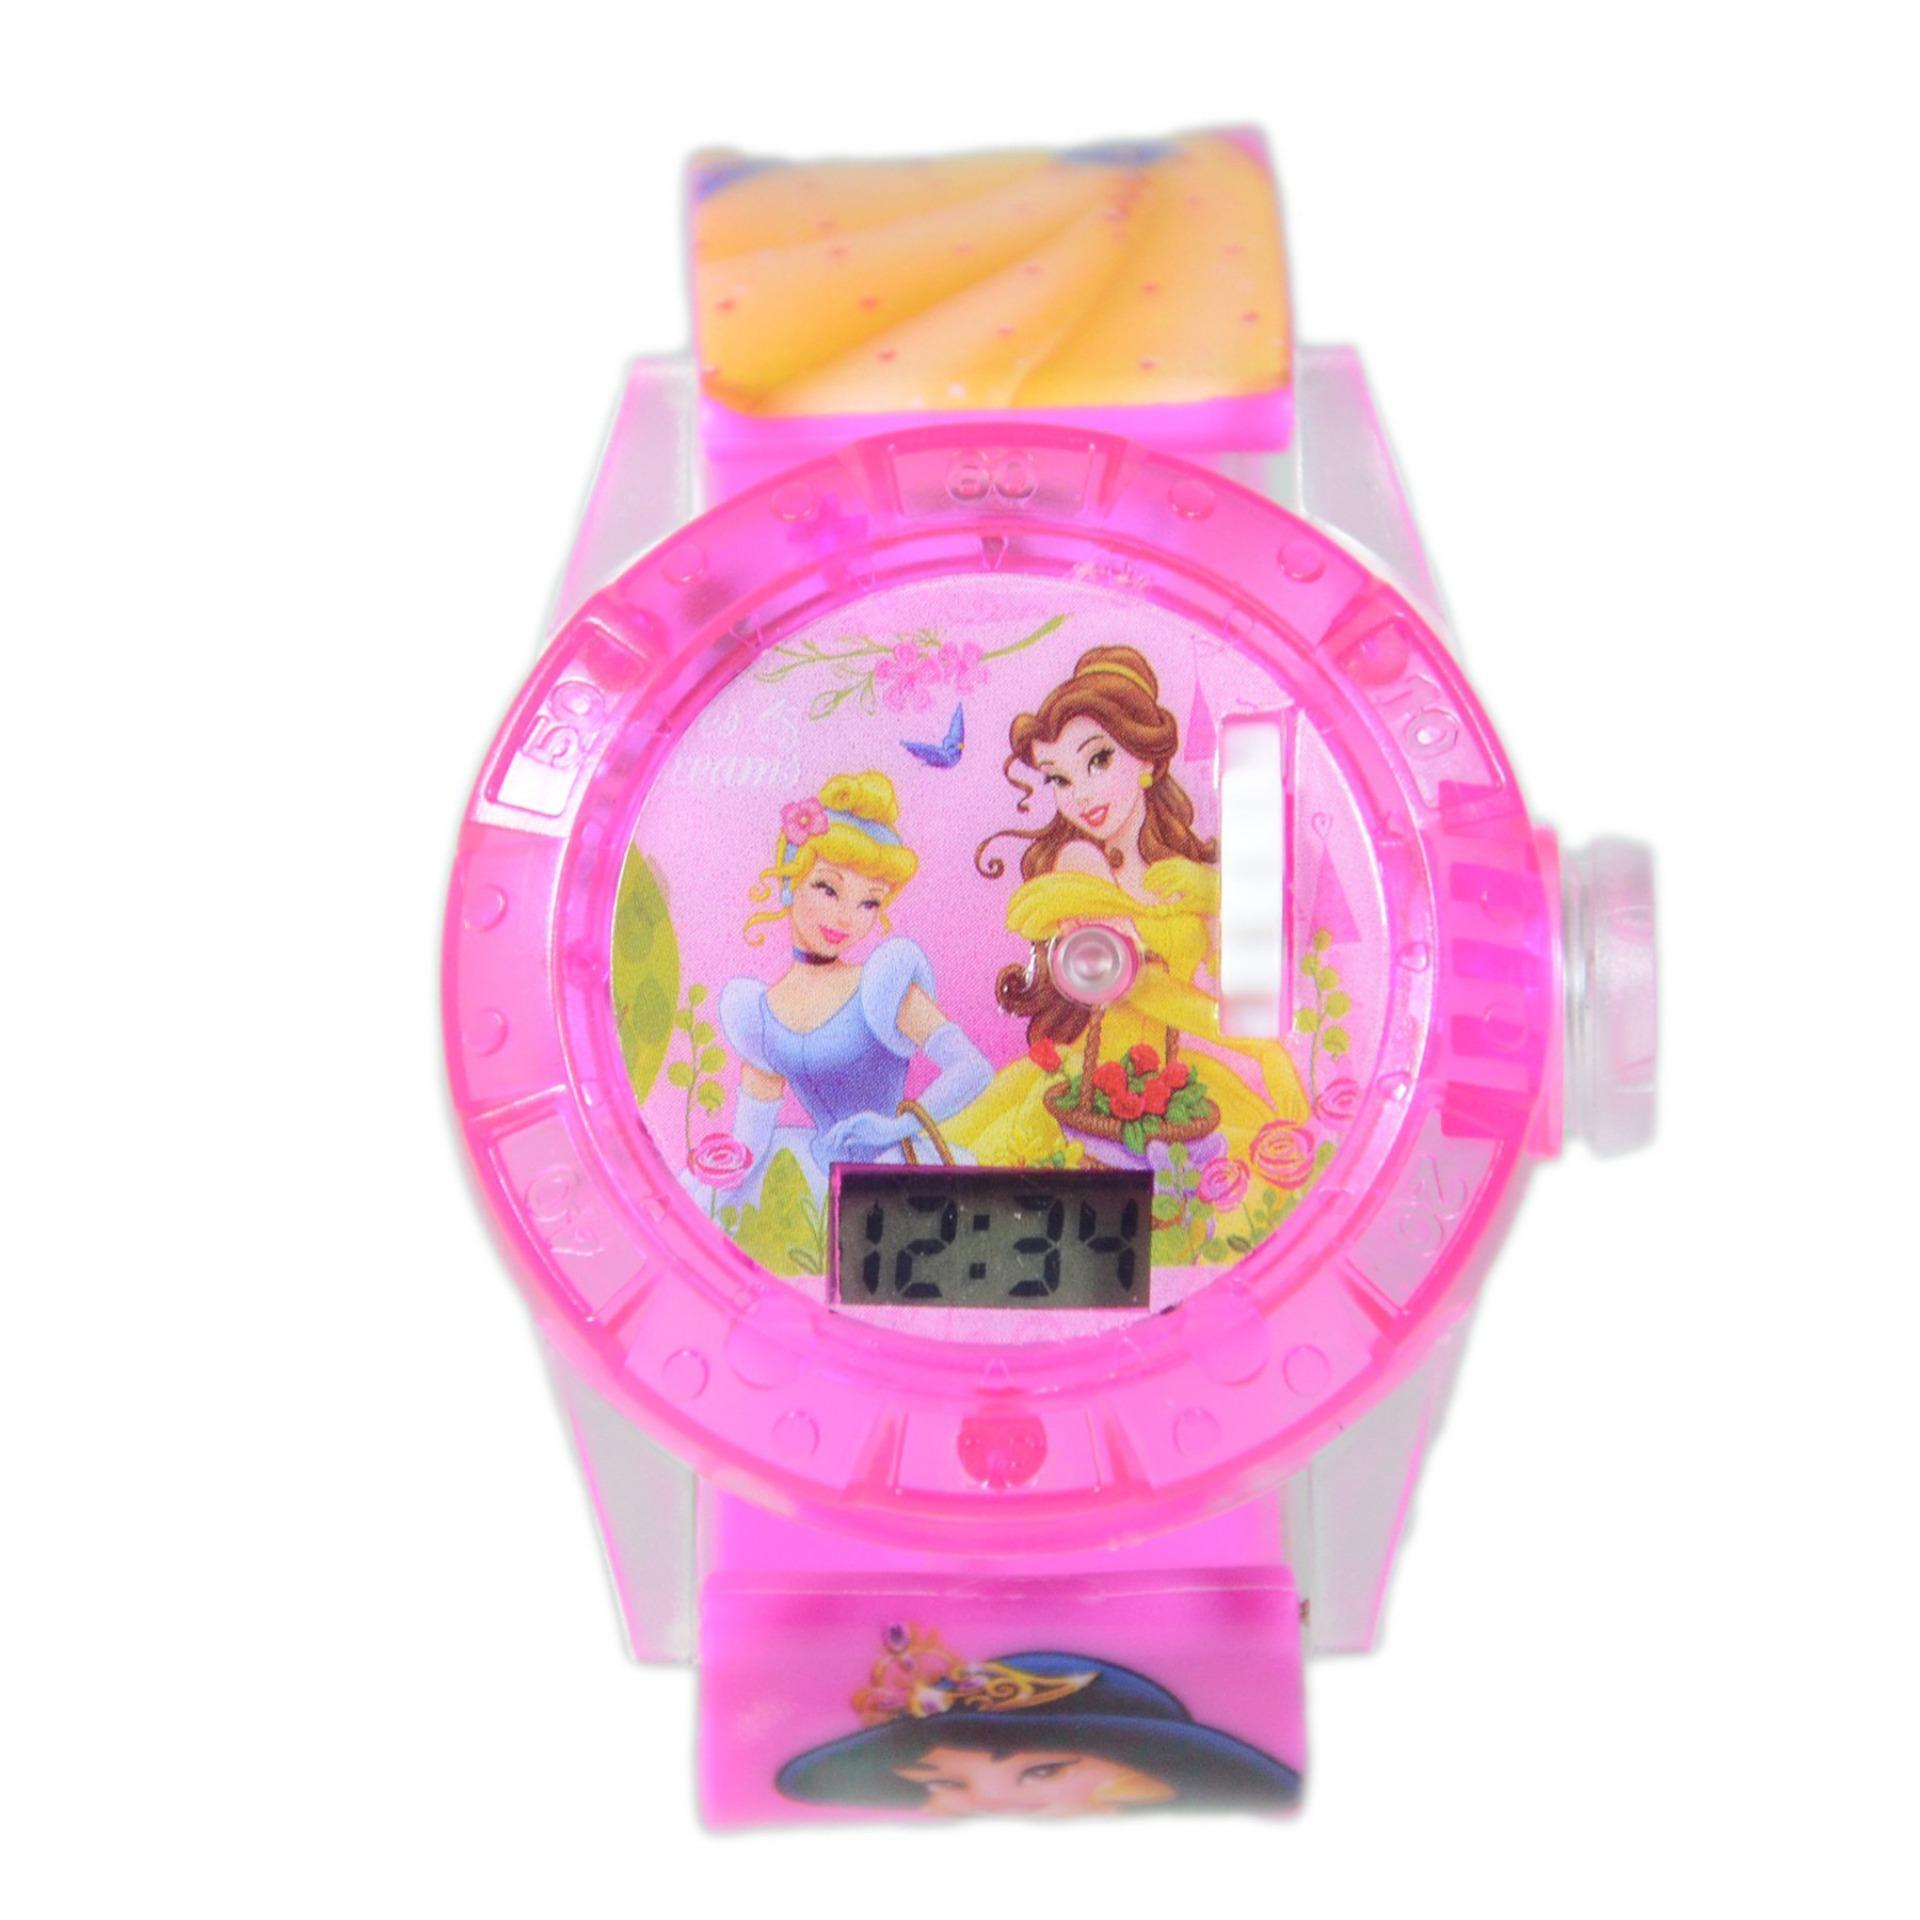 DnB COLLECTION Jam Tangan Projector Disney Princess - Dark Pink af2133e6ff